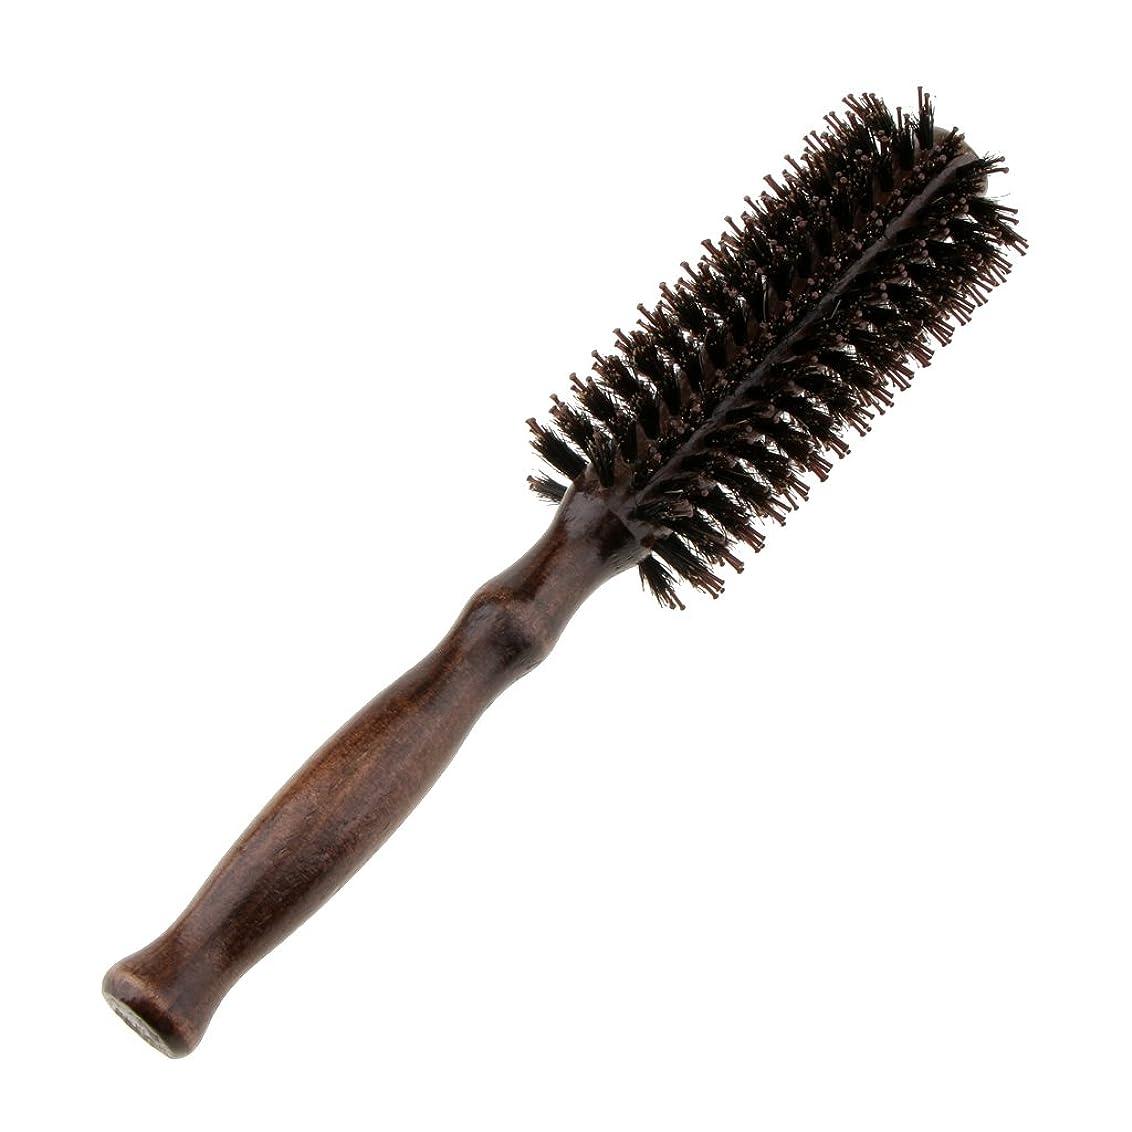 郡装備するずるいHomyl ロールブラシ ヘアブラシ ラウンド ウッド ハンドル 理髪 美容 カール 2タイプ選べる - #1